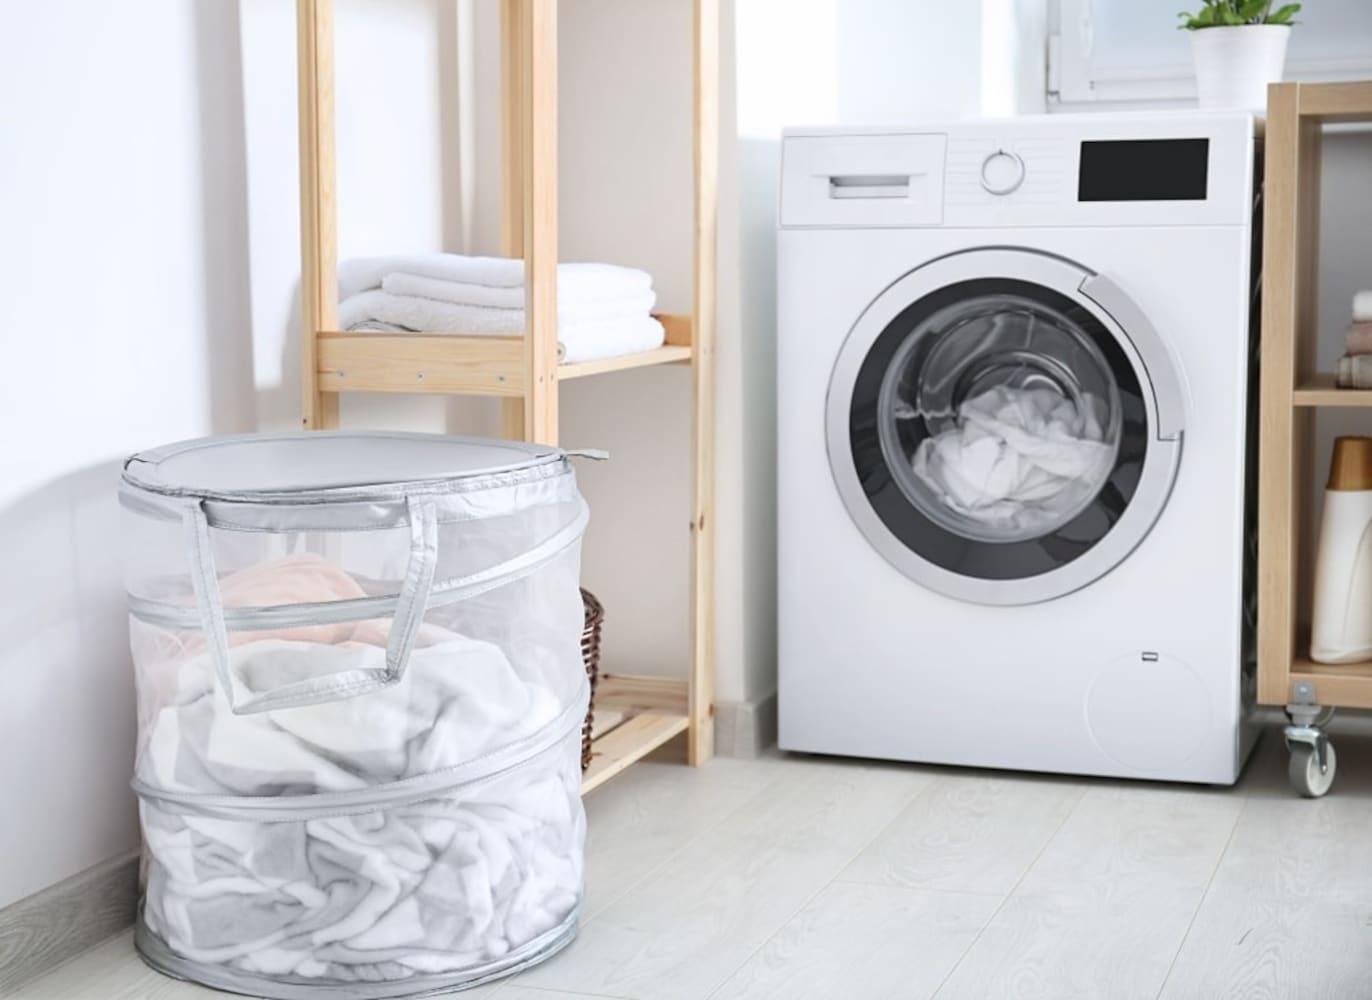 サイズ|洗濯機置き場の寸法は要チェック!扉を開けるスペースも忘れずに